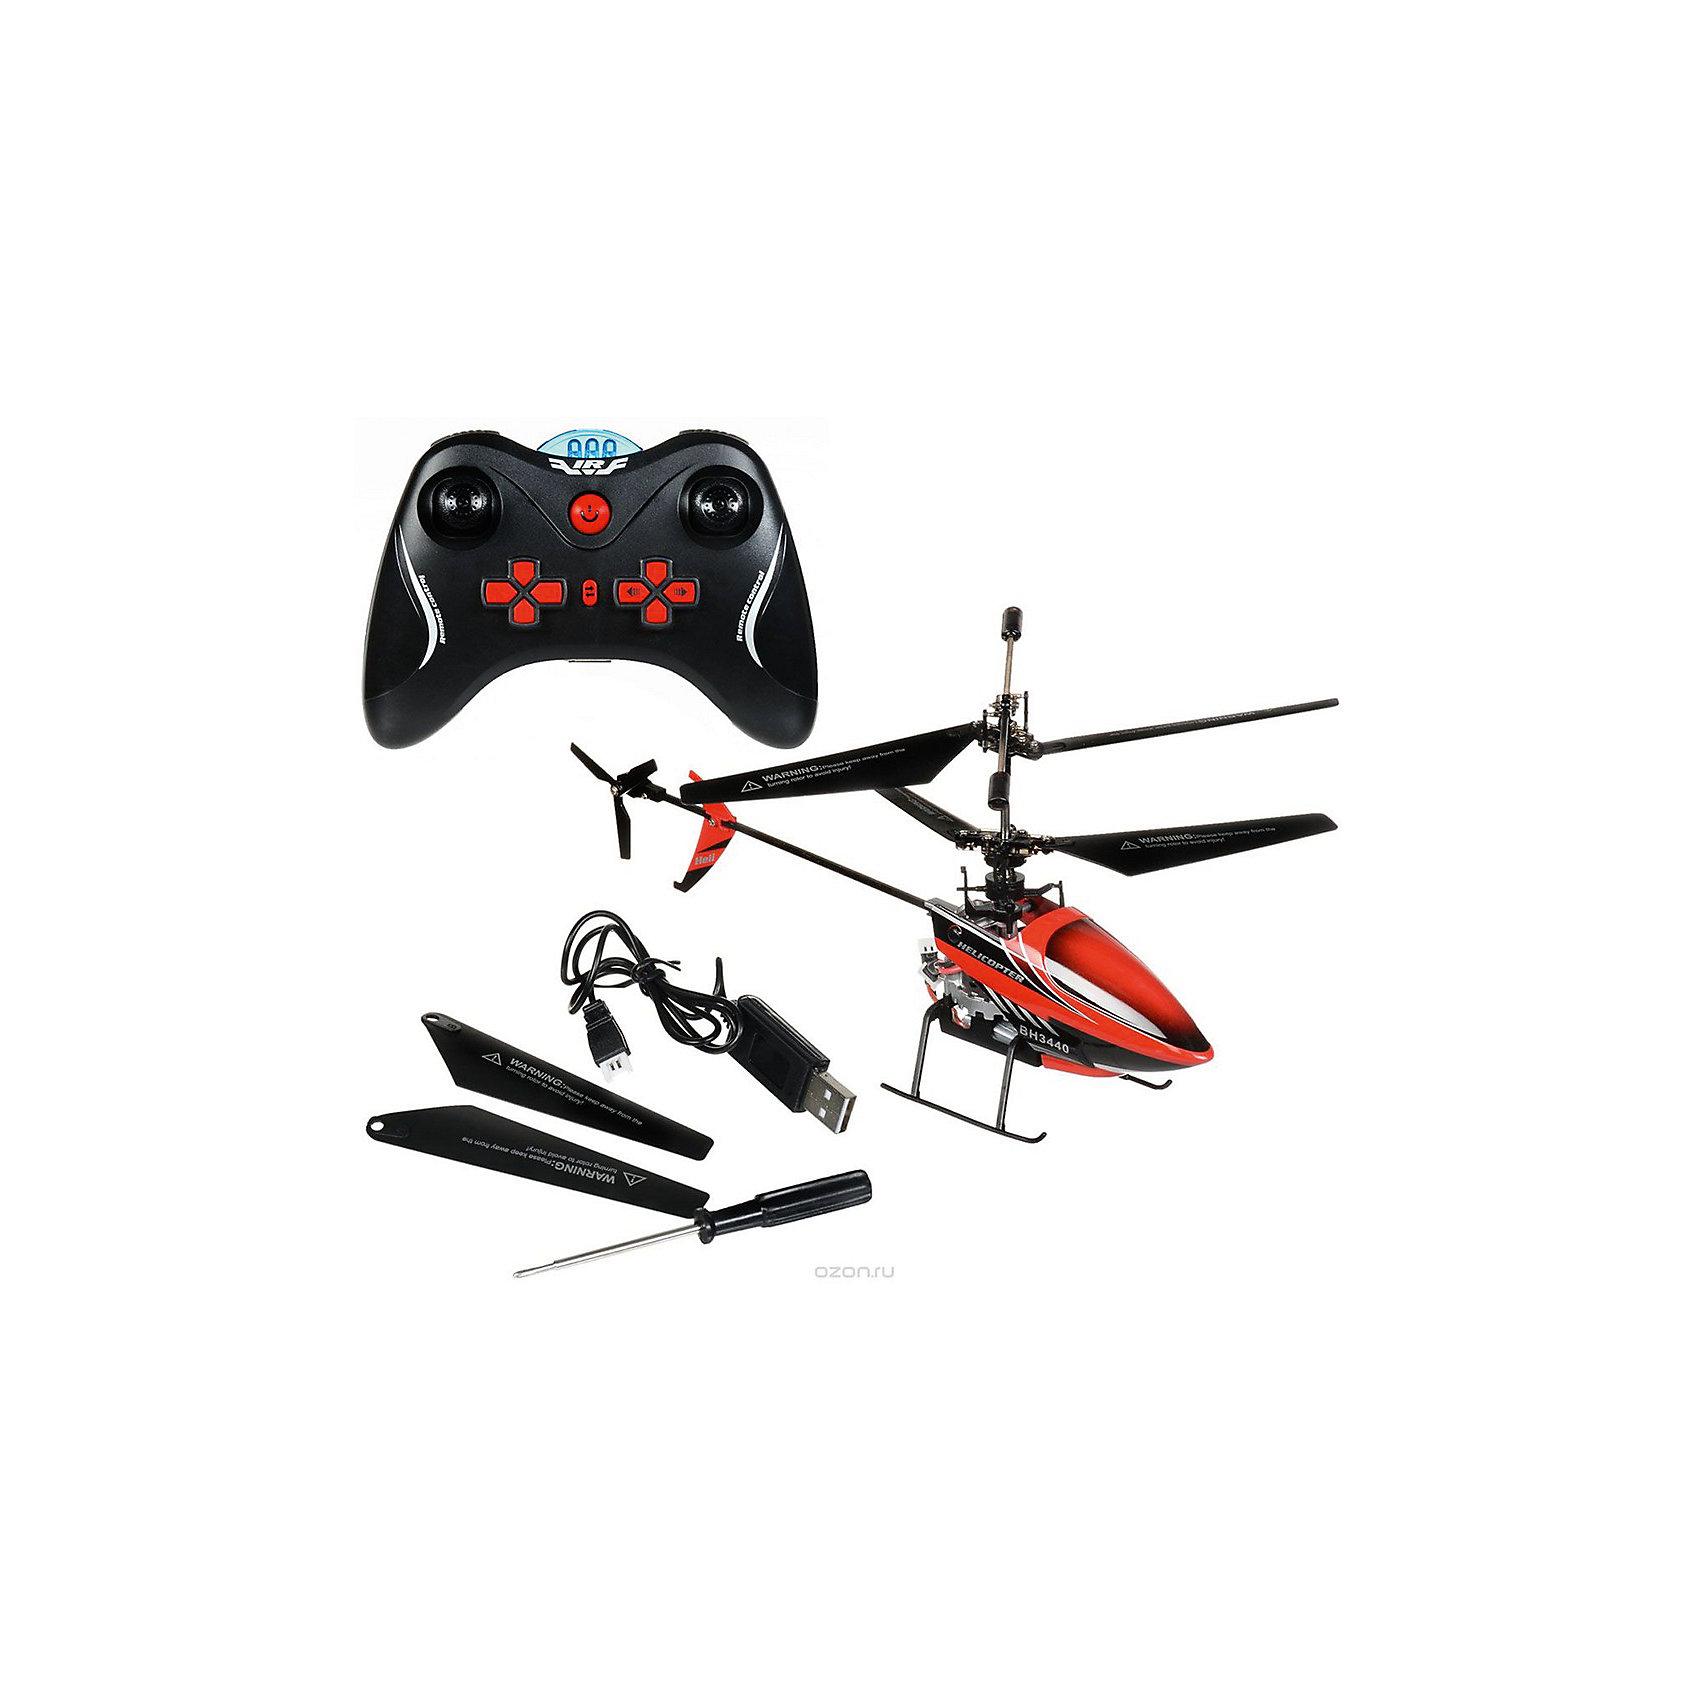 Вертолет на р/у Непоседа, черно-красный, Властелин небесРадиоуправляемый транспорт<br>Вертолет на р/у Непоседа, черно-красный, Властелин небес<br><br>Характеристики:<br><br>• инфракрасное управление<br>• встроенный гироскоп<br>• хорошо обходит препятствия<br>• летает вперед, назад, вниз и вверх<br>• может разворачиваться и зависать в воздухе<br>• светящиеся сигнальные огни для полета в темноте<br>• время полета: 7-8 минут<br>• размер вертолета: 13х27х6 см<br>• размер пульта: 15х11 см<br>• размер упаковки: 36х27х8 см<br>• в комплекте: вертолет, пульт управления, USB кабель, отвертка, запасные лопасти, запасной винт, инструкция<br>• материал: металл, пластик<br>• батарейки: АА - 4 шт. (не входят в комплект)<br>• цвет: черно-красный<br><br>Вертолет Непоседа очень легкий и маневренный. Он хорошо обходит препятствия и выполняет любые команды, полученные с пульта управления. Непоседа может летать вверх, вниз, вперед и назад. Кроме того, он умеет разворачиваться и зависать в воздухе. Встроенный гироскоп обеспечивает стабилизацию во время полета. Для игры в темноте предусмотрены светящиеся сигнальные огни. Вы без труда найдете игрушку и будете наслаждаться ярким освещением. Вертолет можно подзарядить от пульта и USB кабеля. Время игры - 8 минут.<br>Для работы пульта необходимы четыре батарейки АА ( не входят в комплект).<br><br>Вертолет на р/у Непоседа, черно-красный, Властелин небес вы можете купить в нашем интернет-магазине.<br><br>Ширина мм: 80<br>Глубина мм: 360<br>Высота мм: 270<br>Вес г: 690<br>Возраст от месяцев: 96<br>Возраст до месяцев: 2147483647<br>Пол: Мужской<br>Возраст: Детский<br>SKU: 5397095